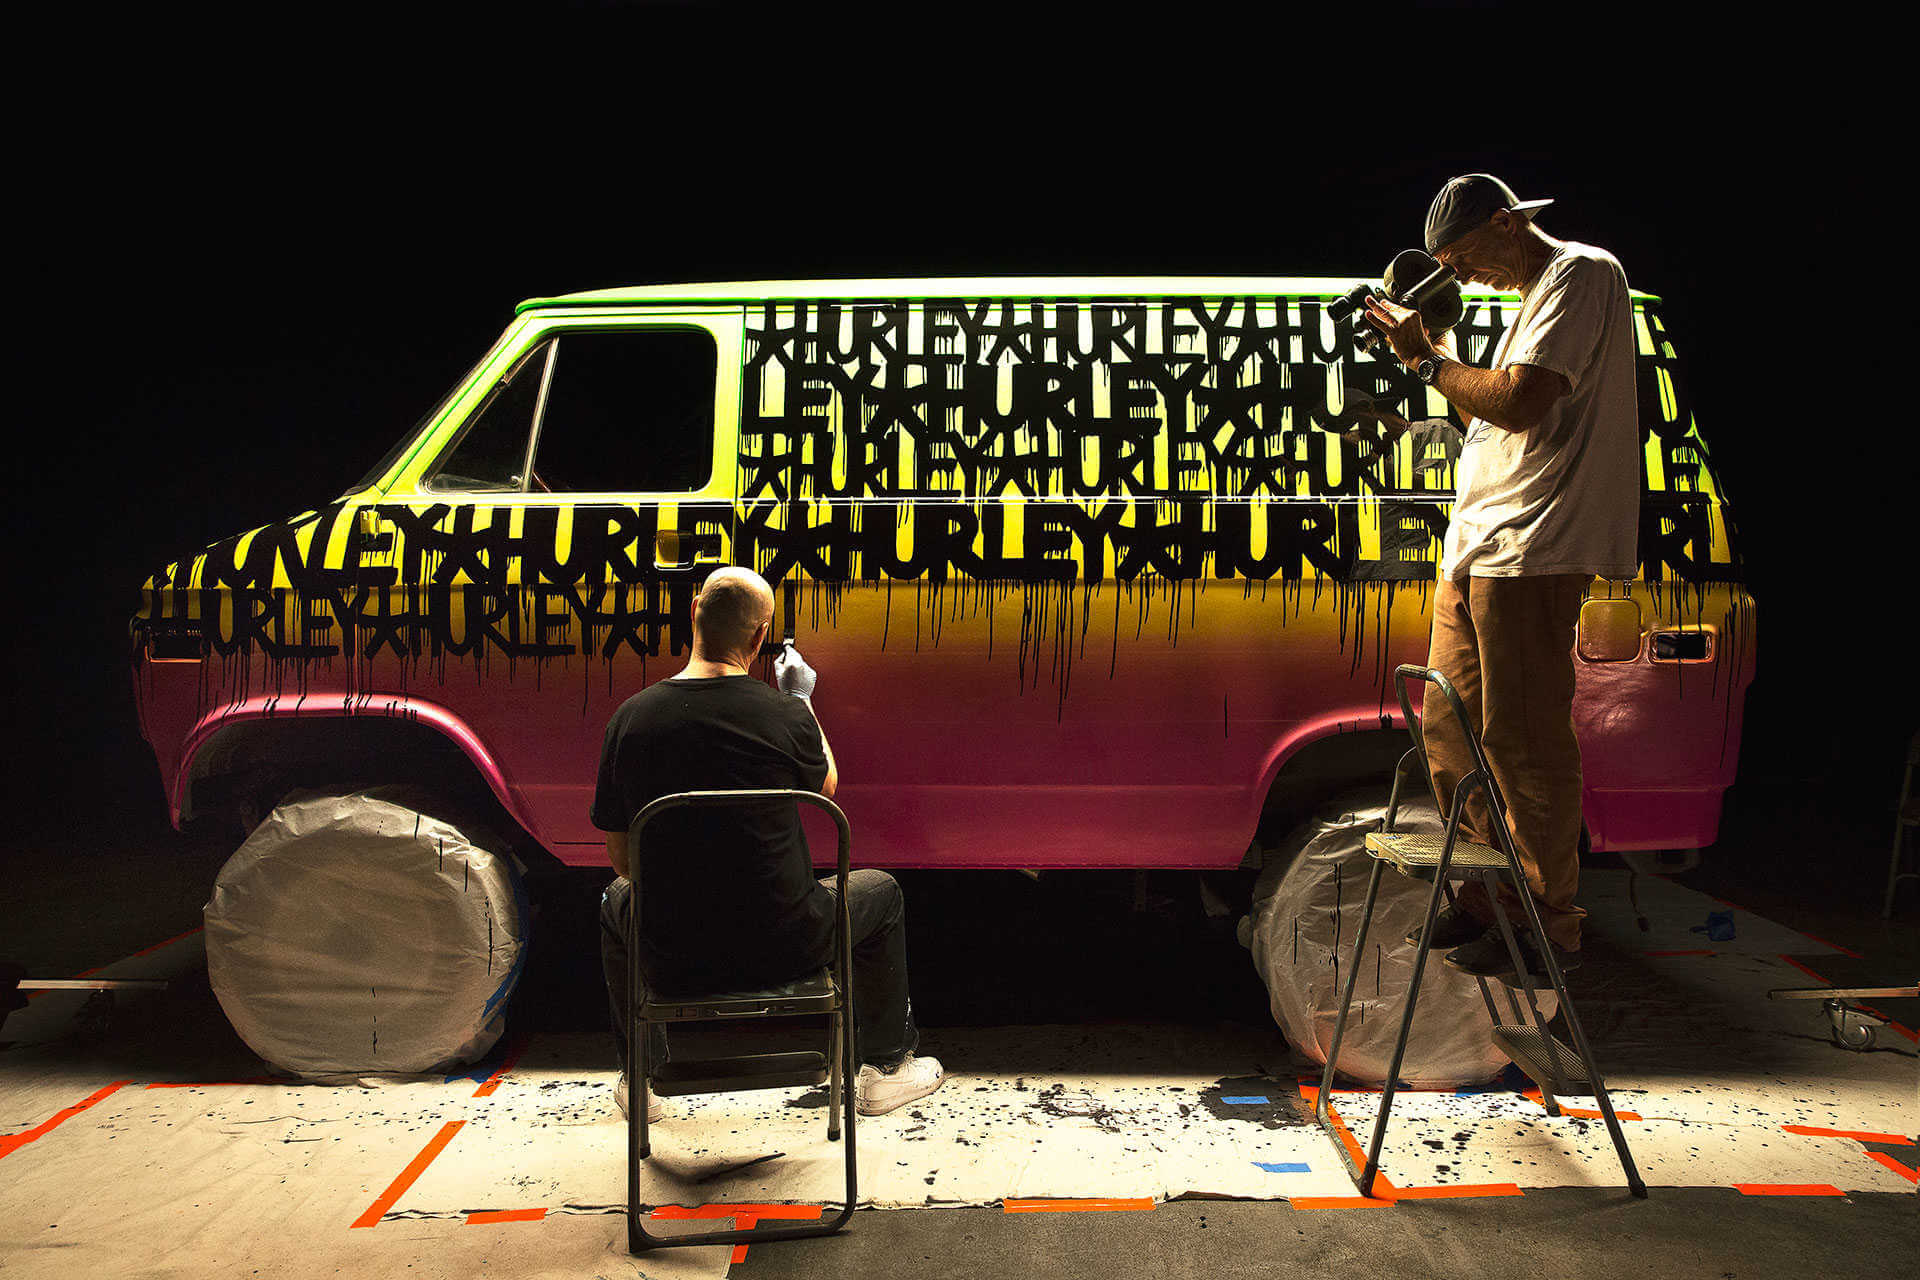 Furgoneta de marca de surf Hurley pintada por haze